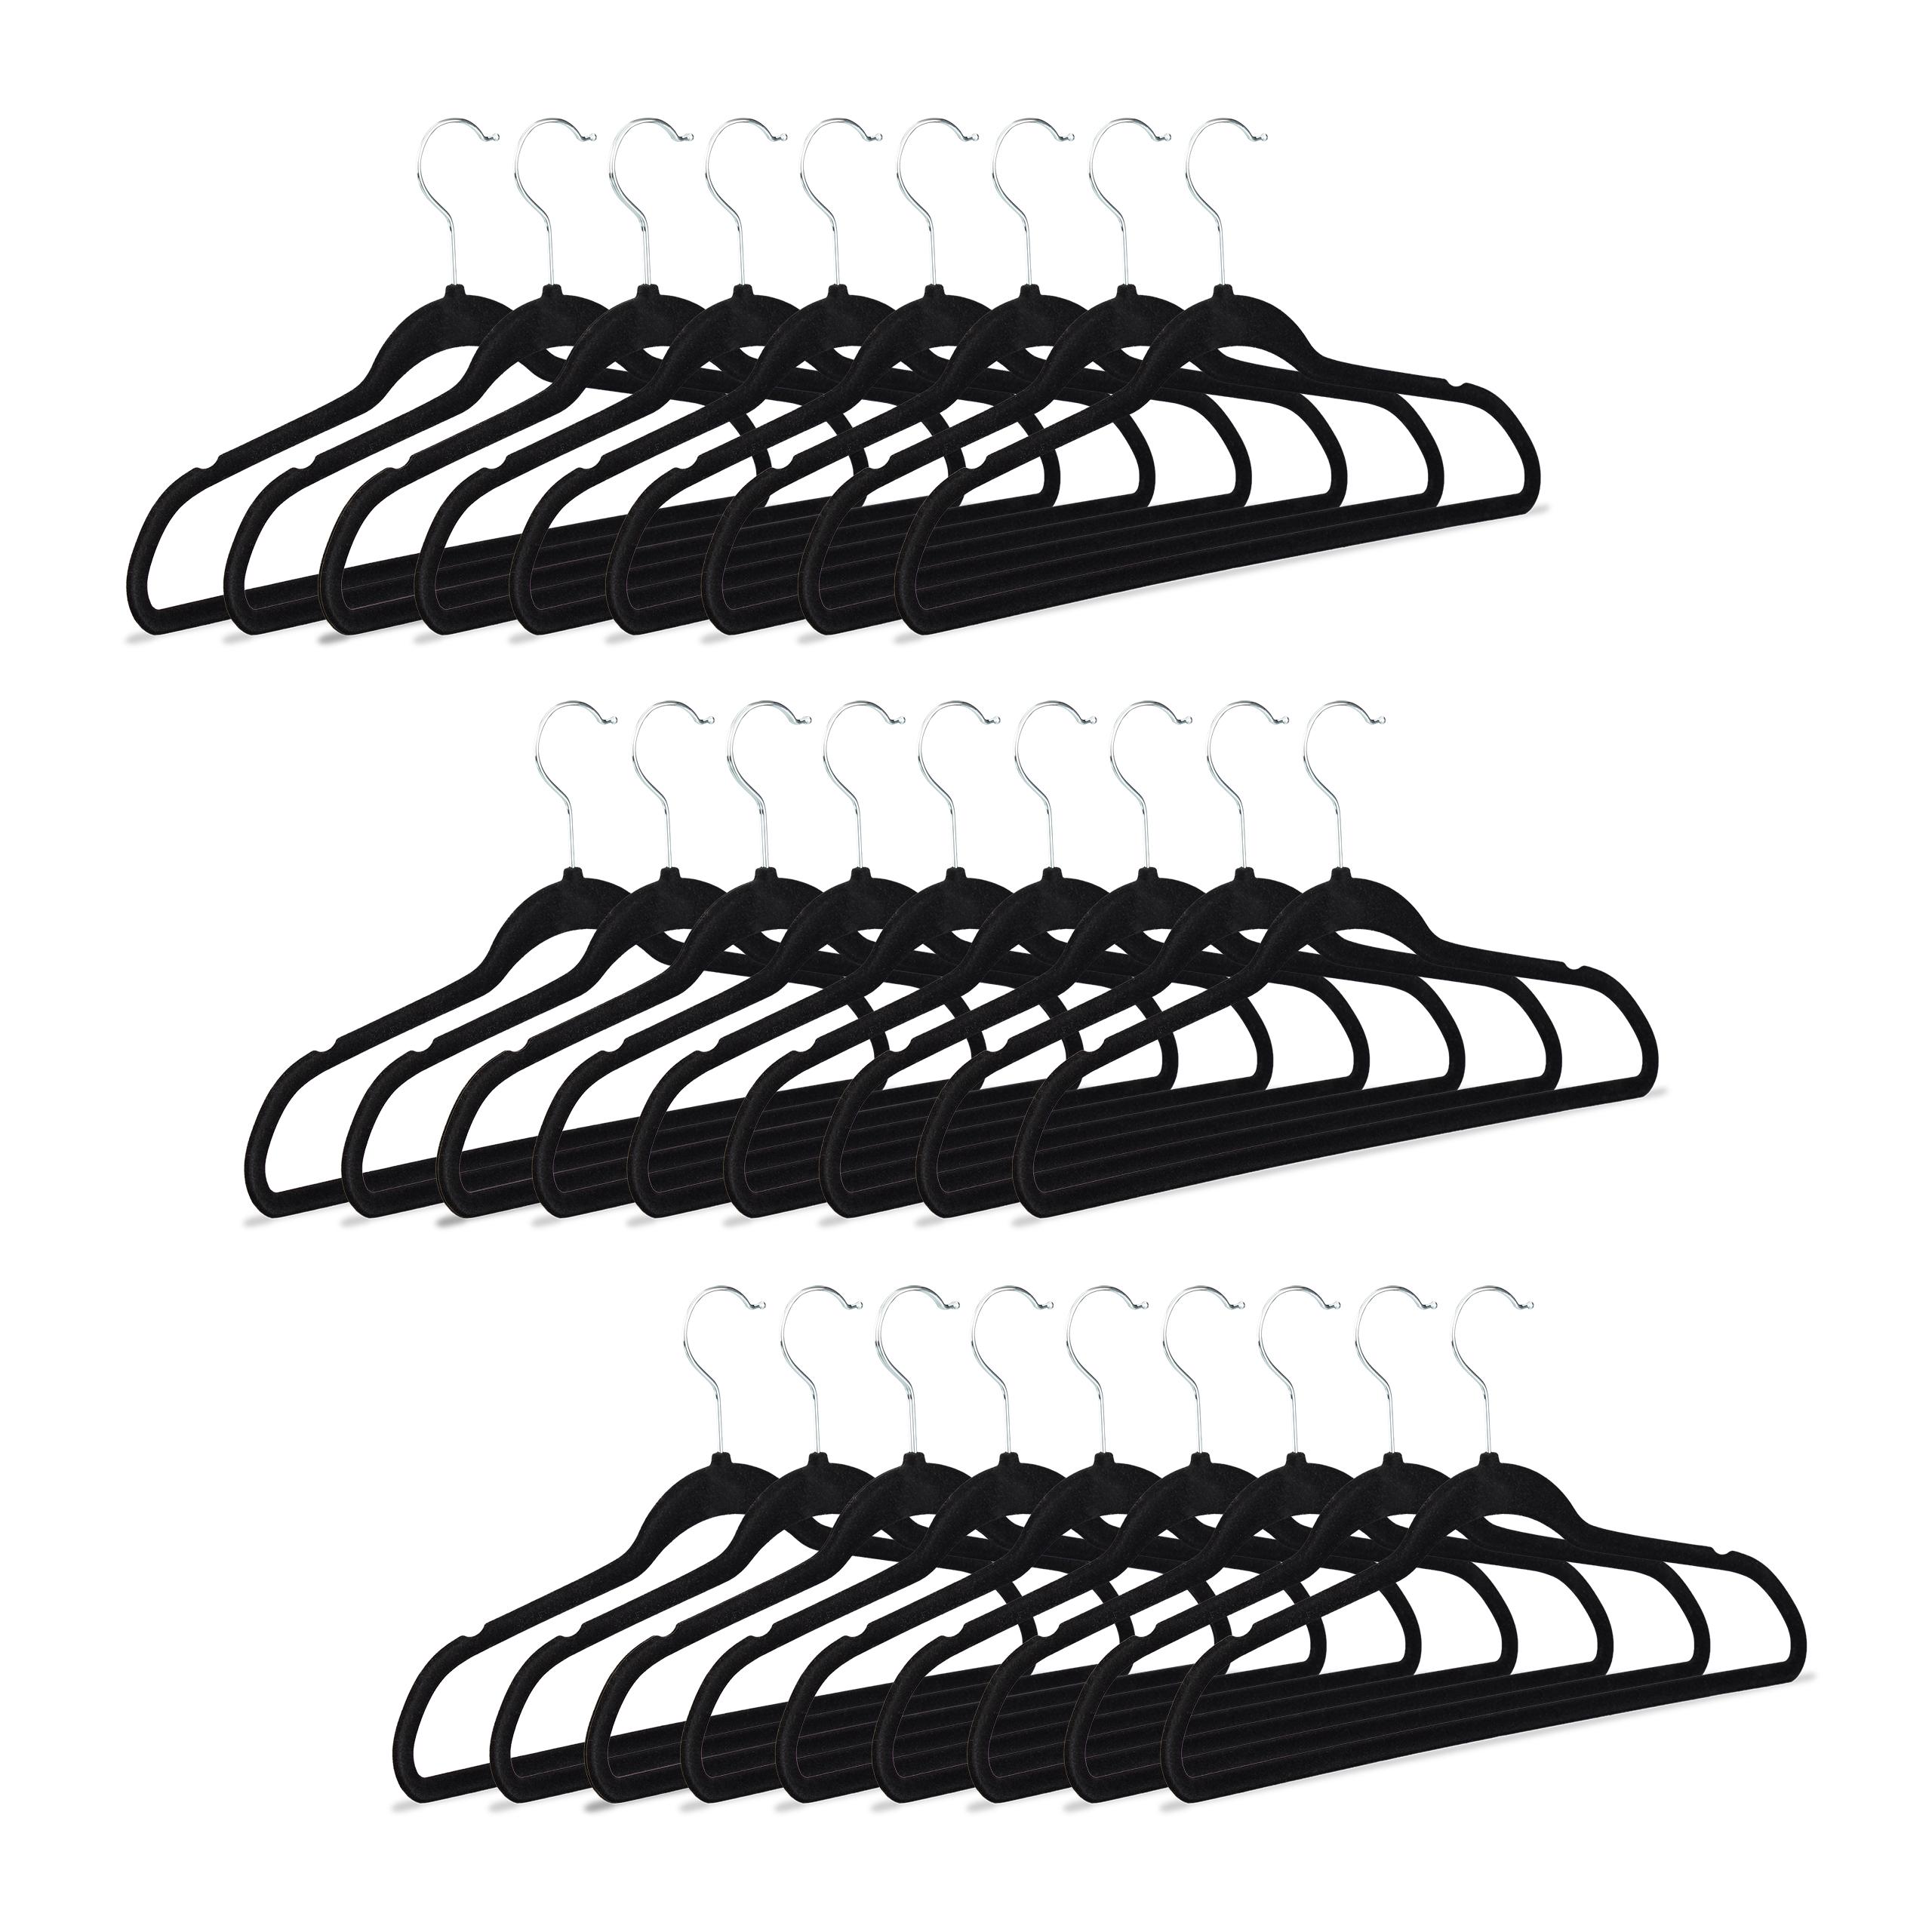 Perchas-color-negro-Perchas-para-pantalones-y-faldas-Packs-antideslizantes